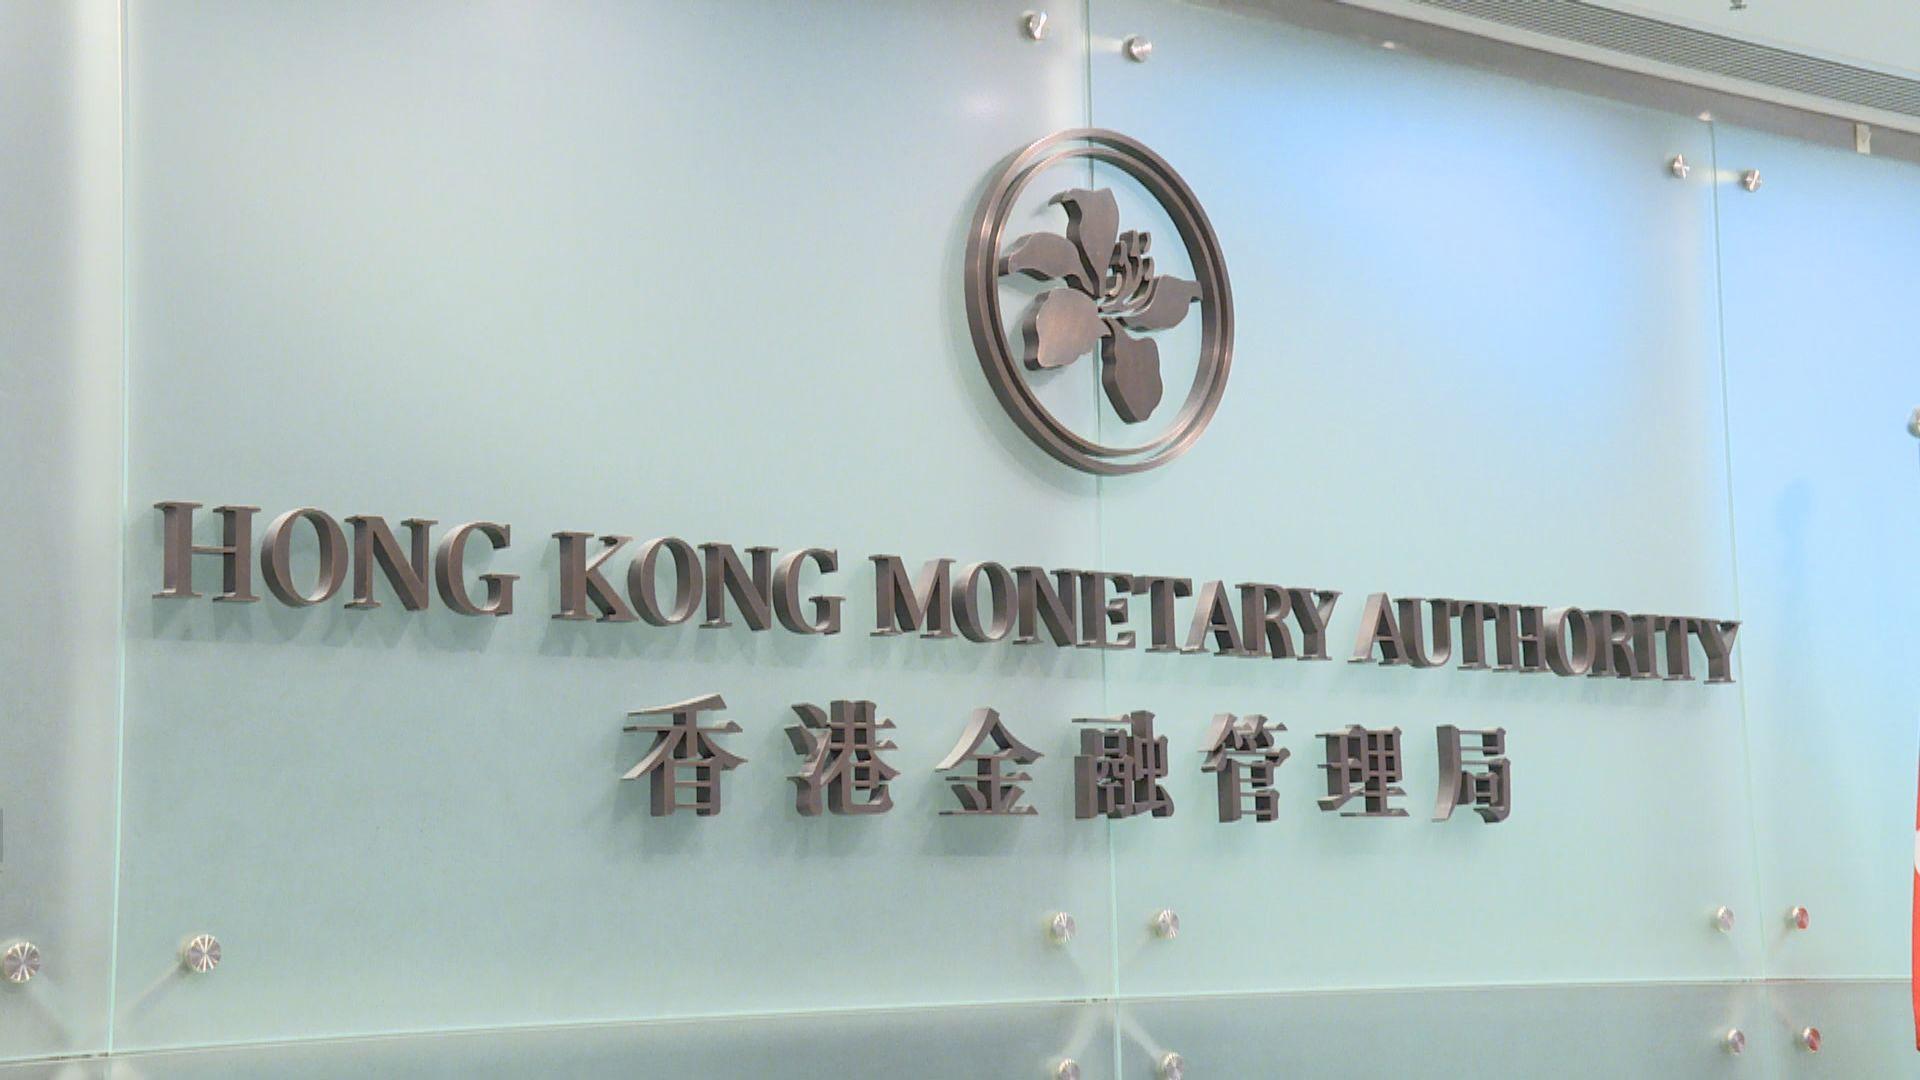 金管局澄清外匯管制謠言 重申無計劃改變聯匯制度